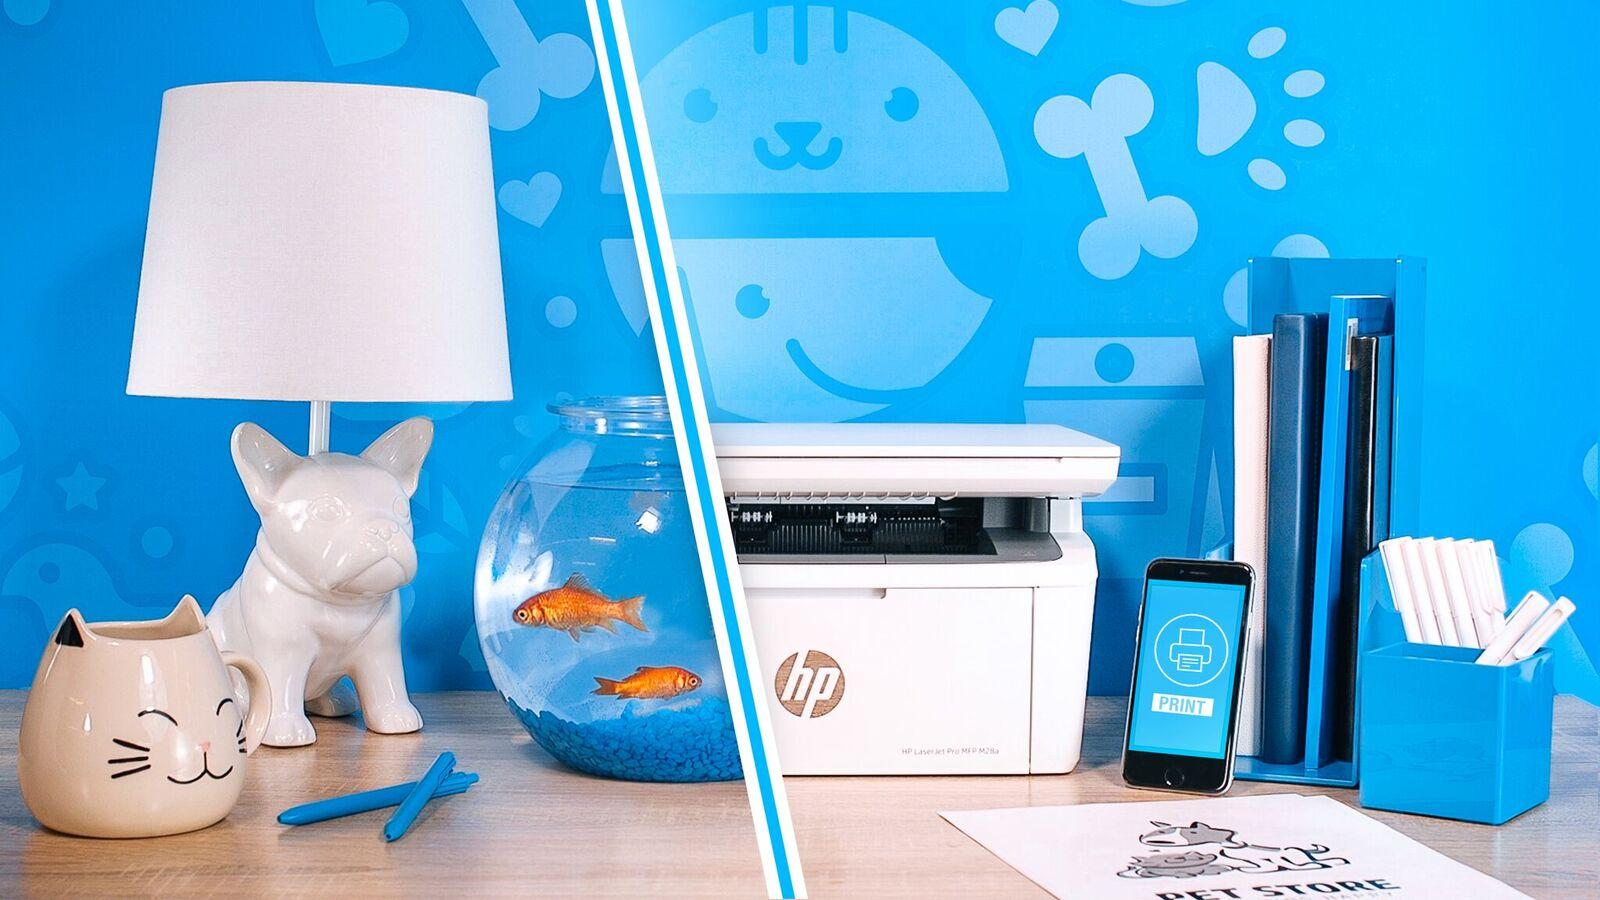 HP nuove stampanti compatte per professionisti e piccole aziende